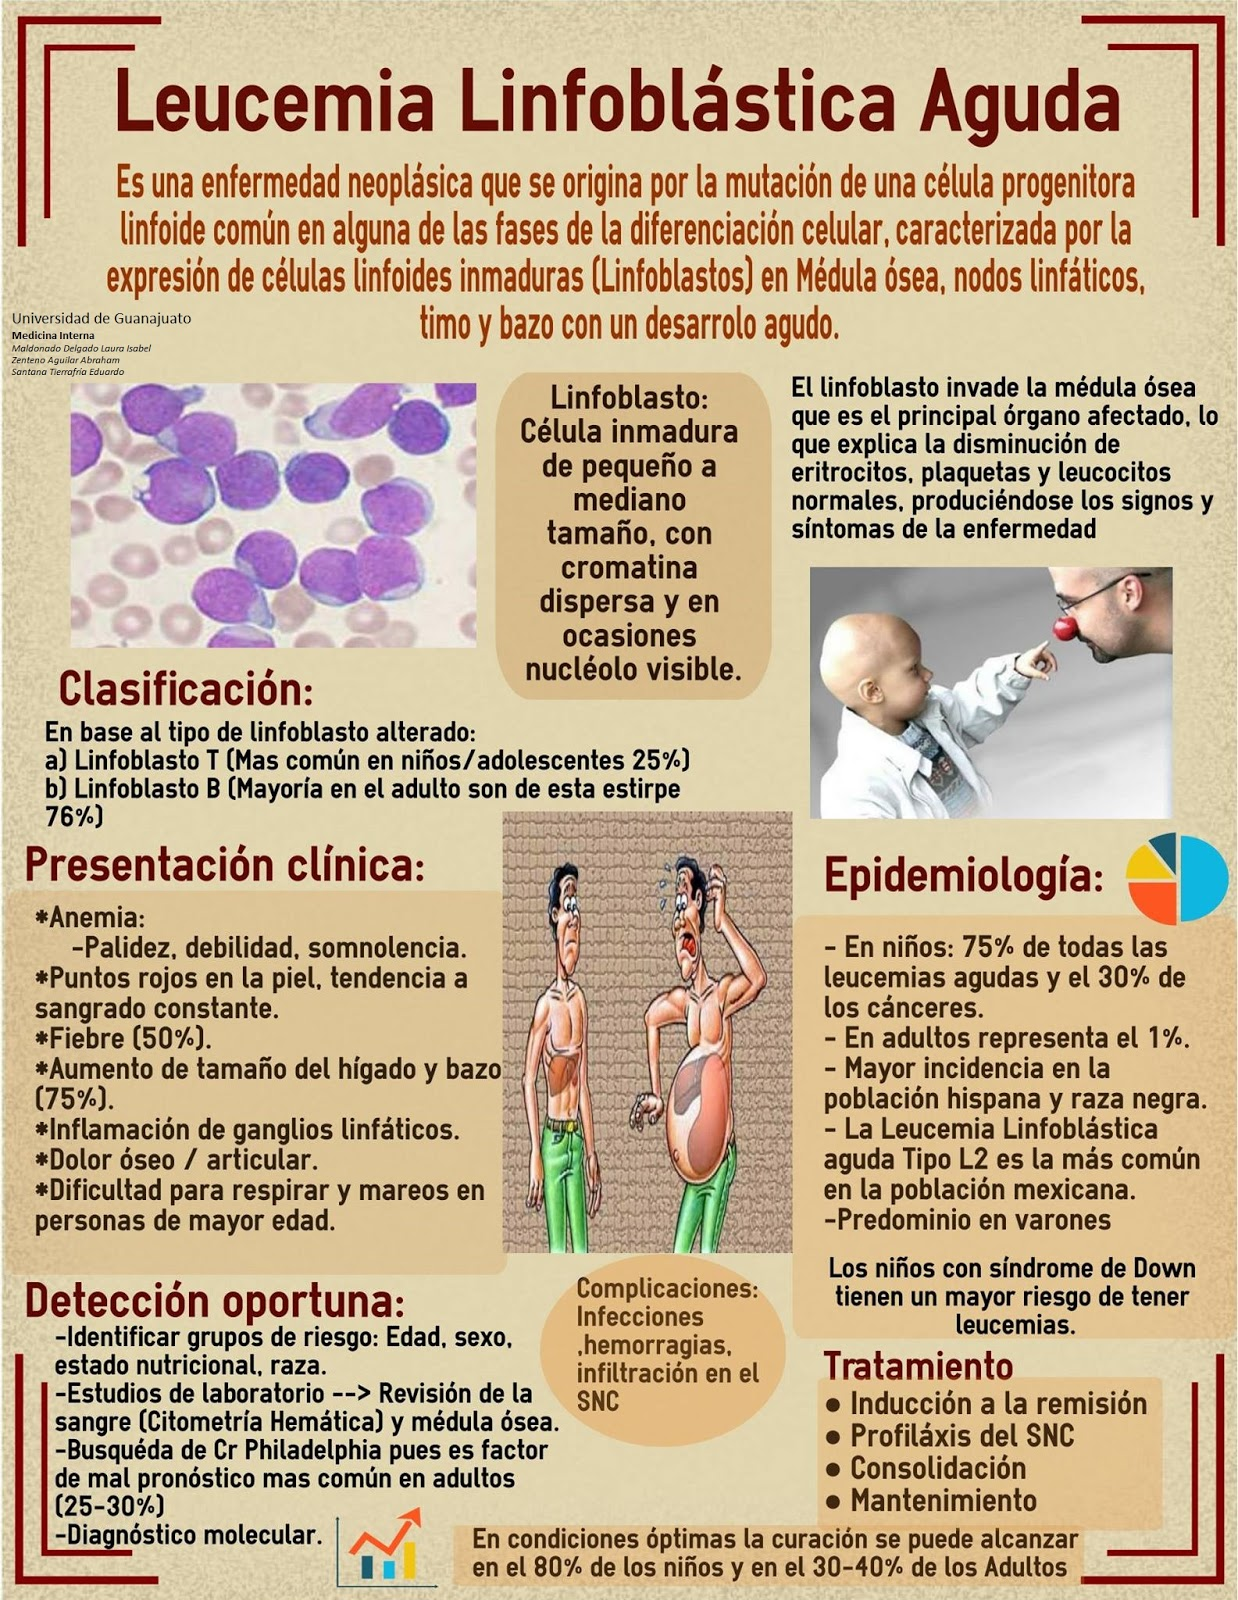 Leucemia que linfoblastica la causa